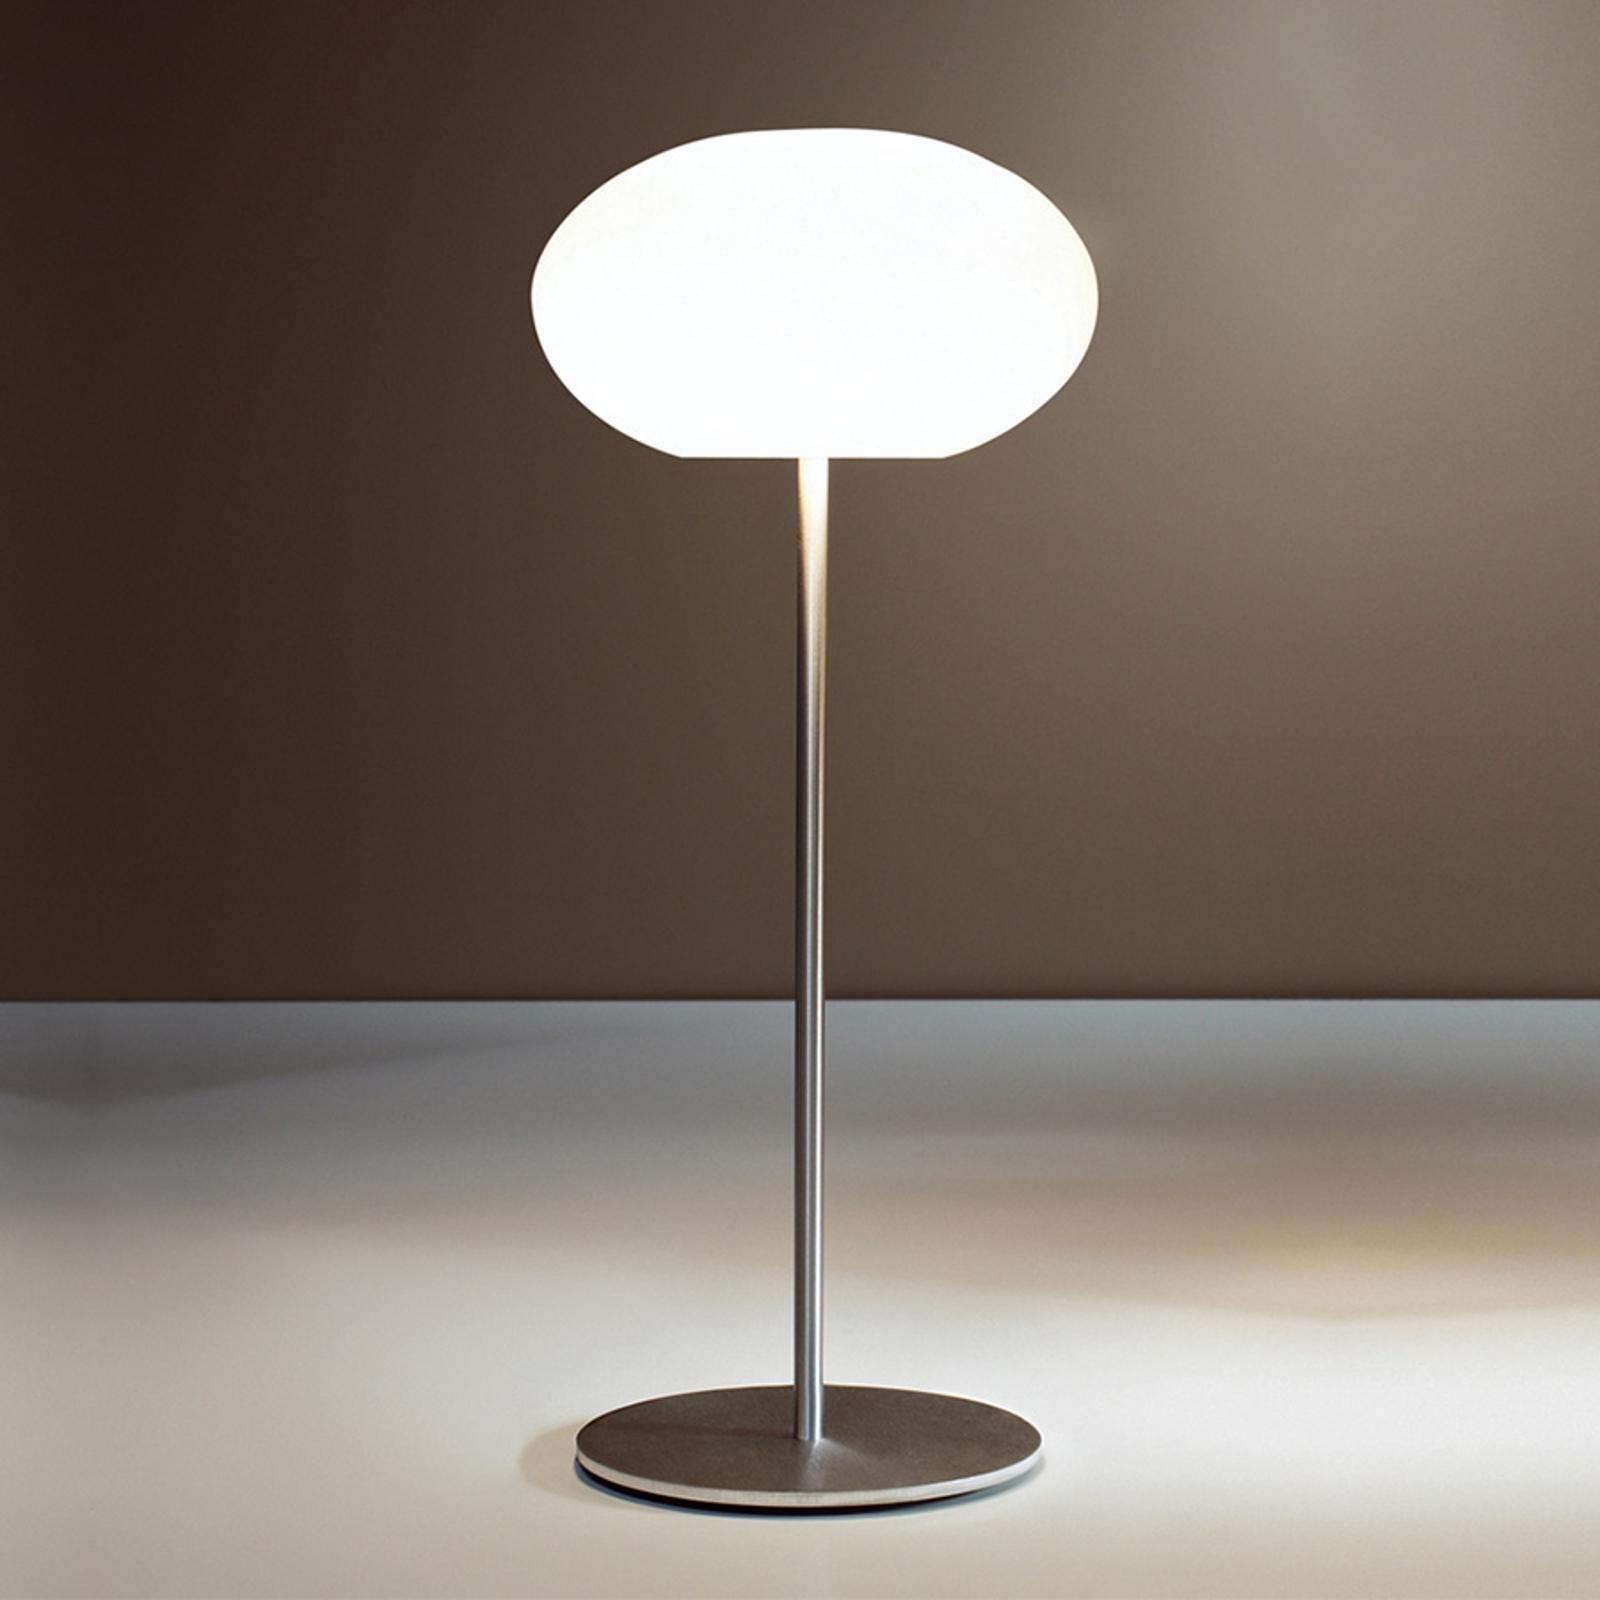 Casablanca Aih tafellamp, Ø 19cm wit glanzend